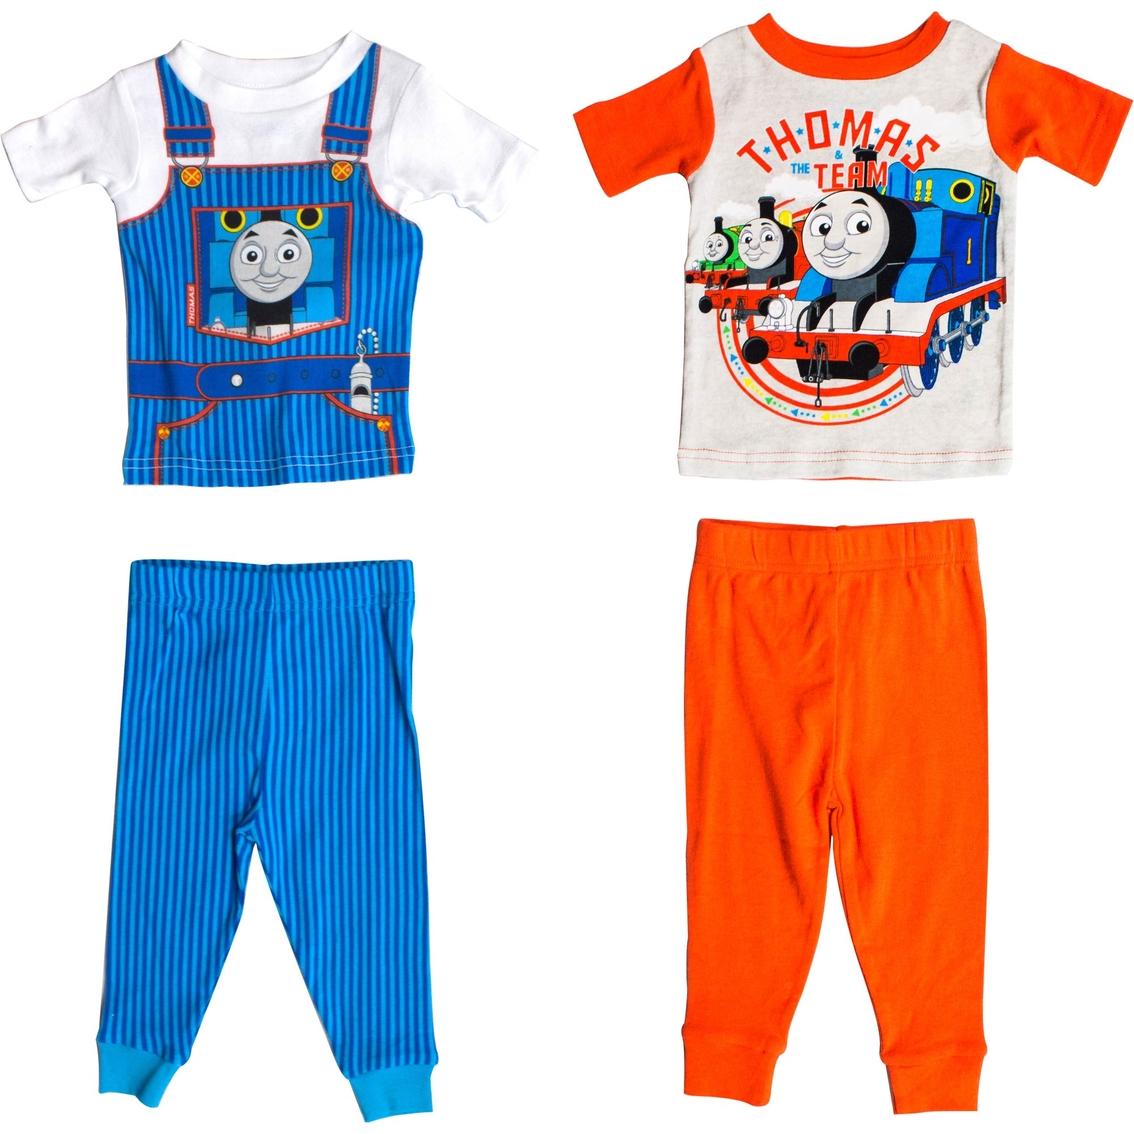 e1b0fa525 Disney Infant Boys Thomas The Train 4 Pc. Pajama Set